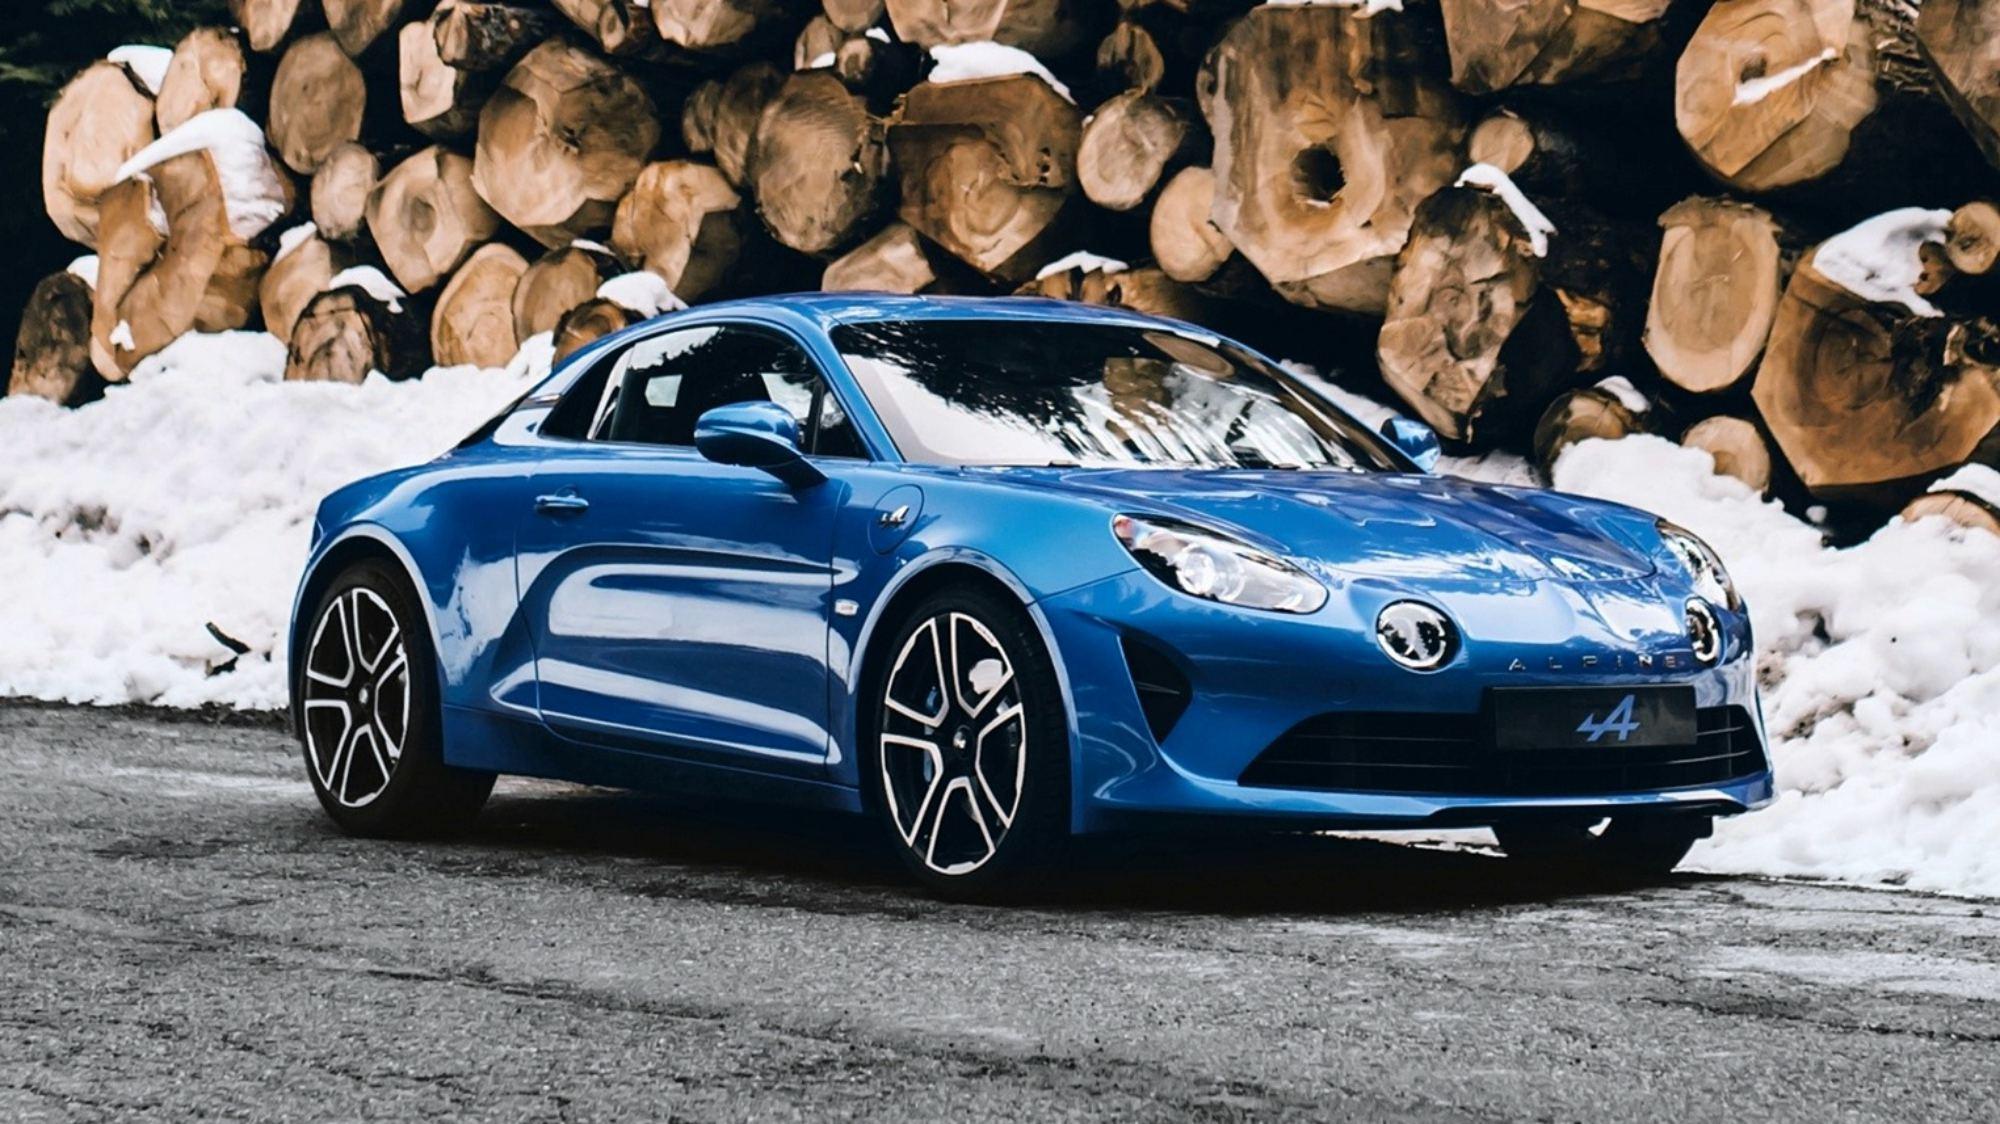 News Australian Debut Of Alpine A110 Confirmed Latter 2018